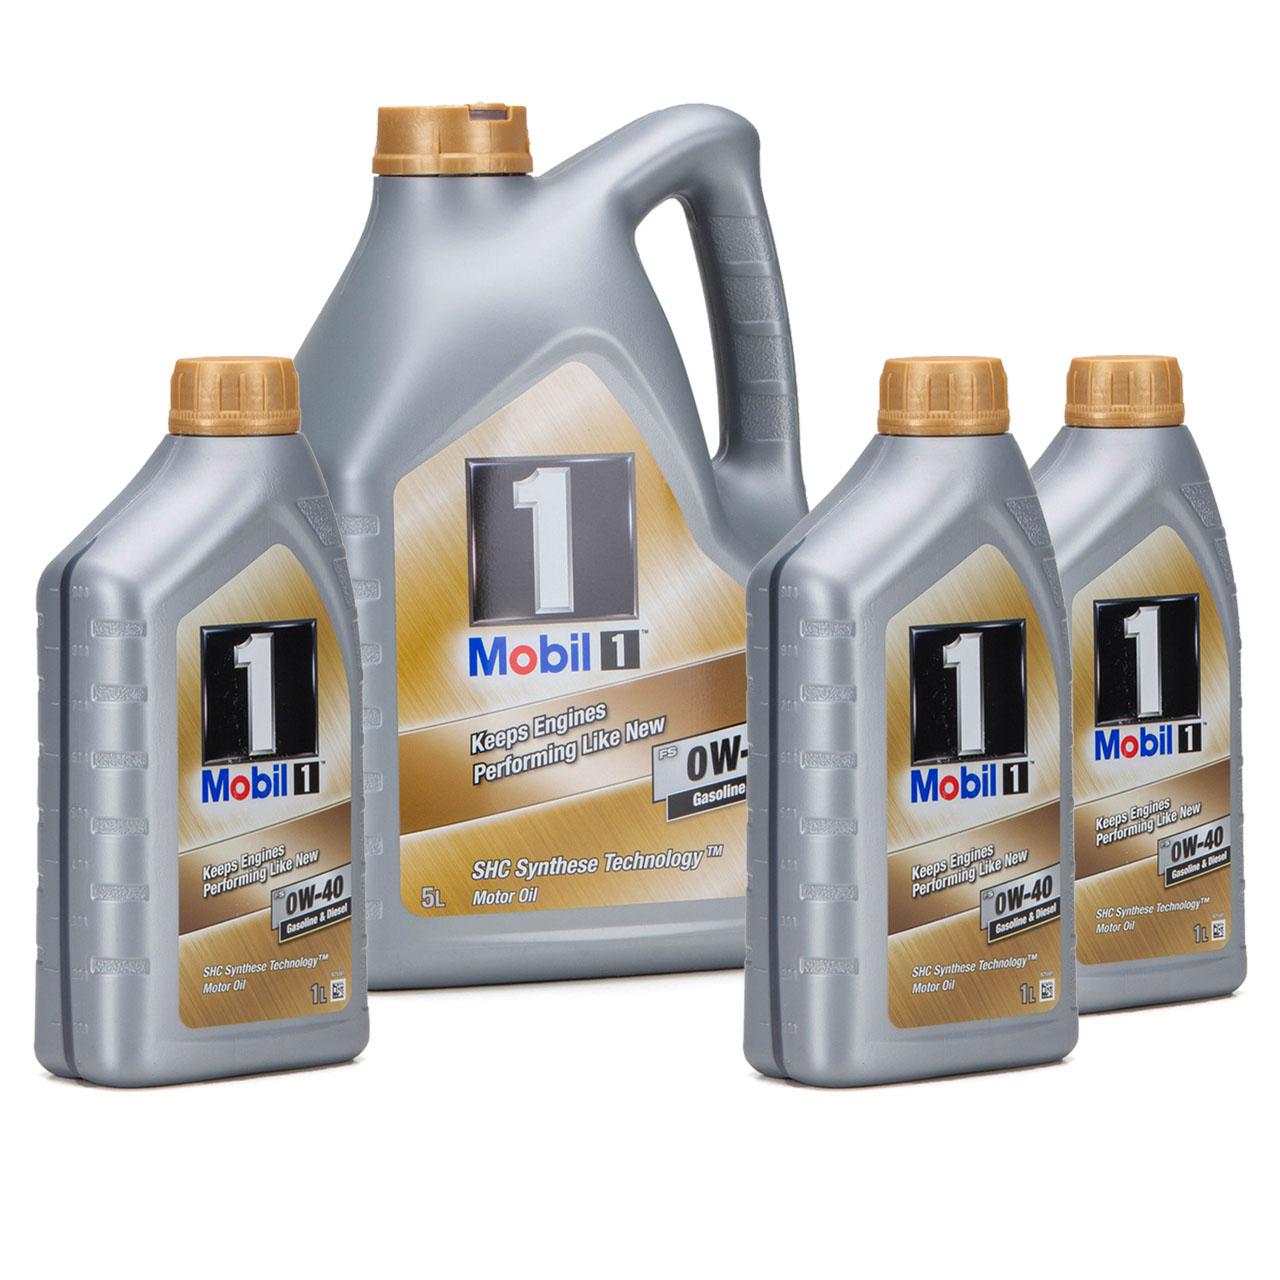 Mobil 1 FS Motoröl Öl 0W-40 0W40 MB PORSCHE A40 VW 502.00 505.00 - 8L 8 Liter